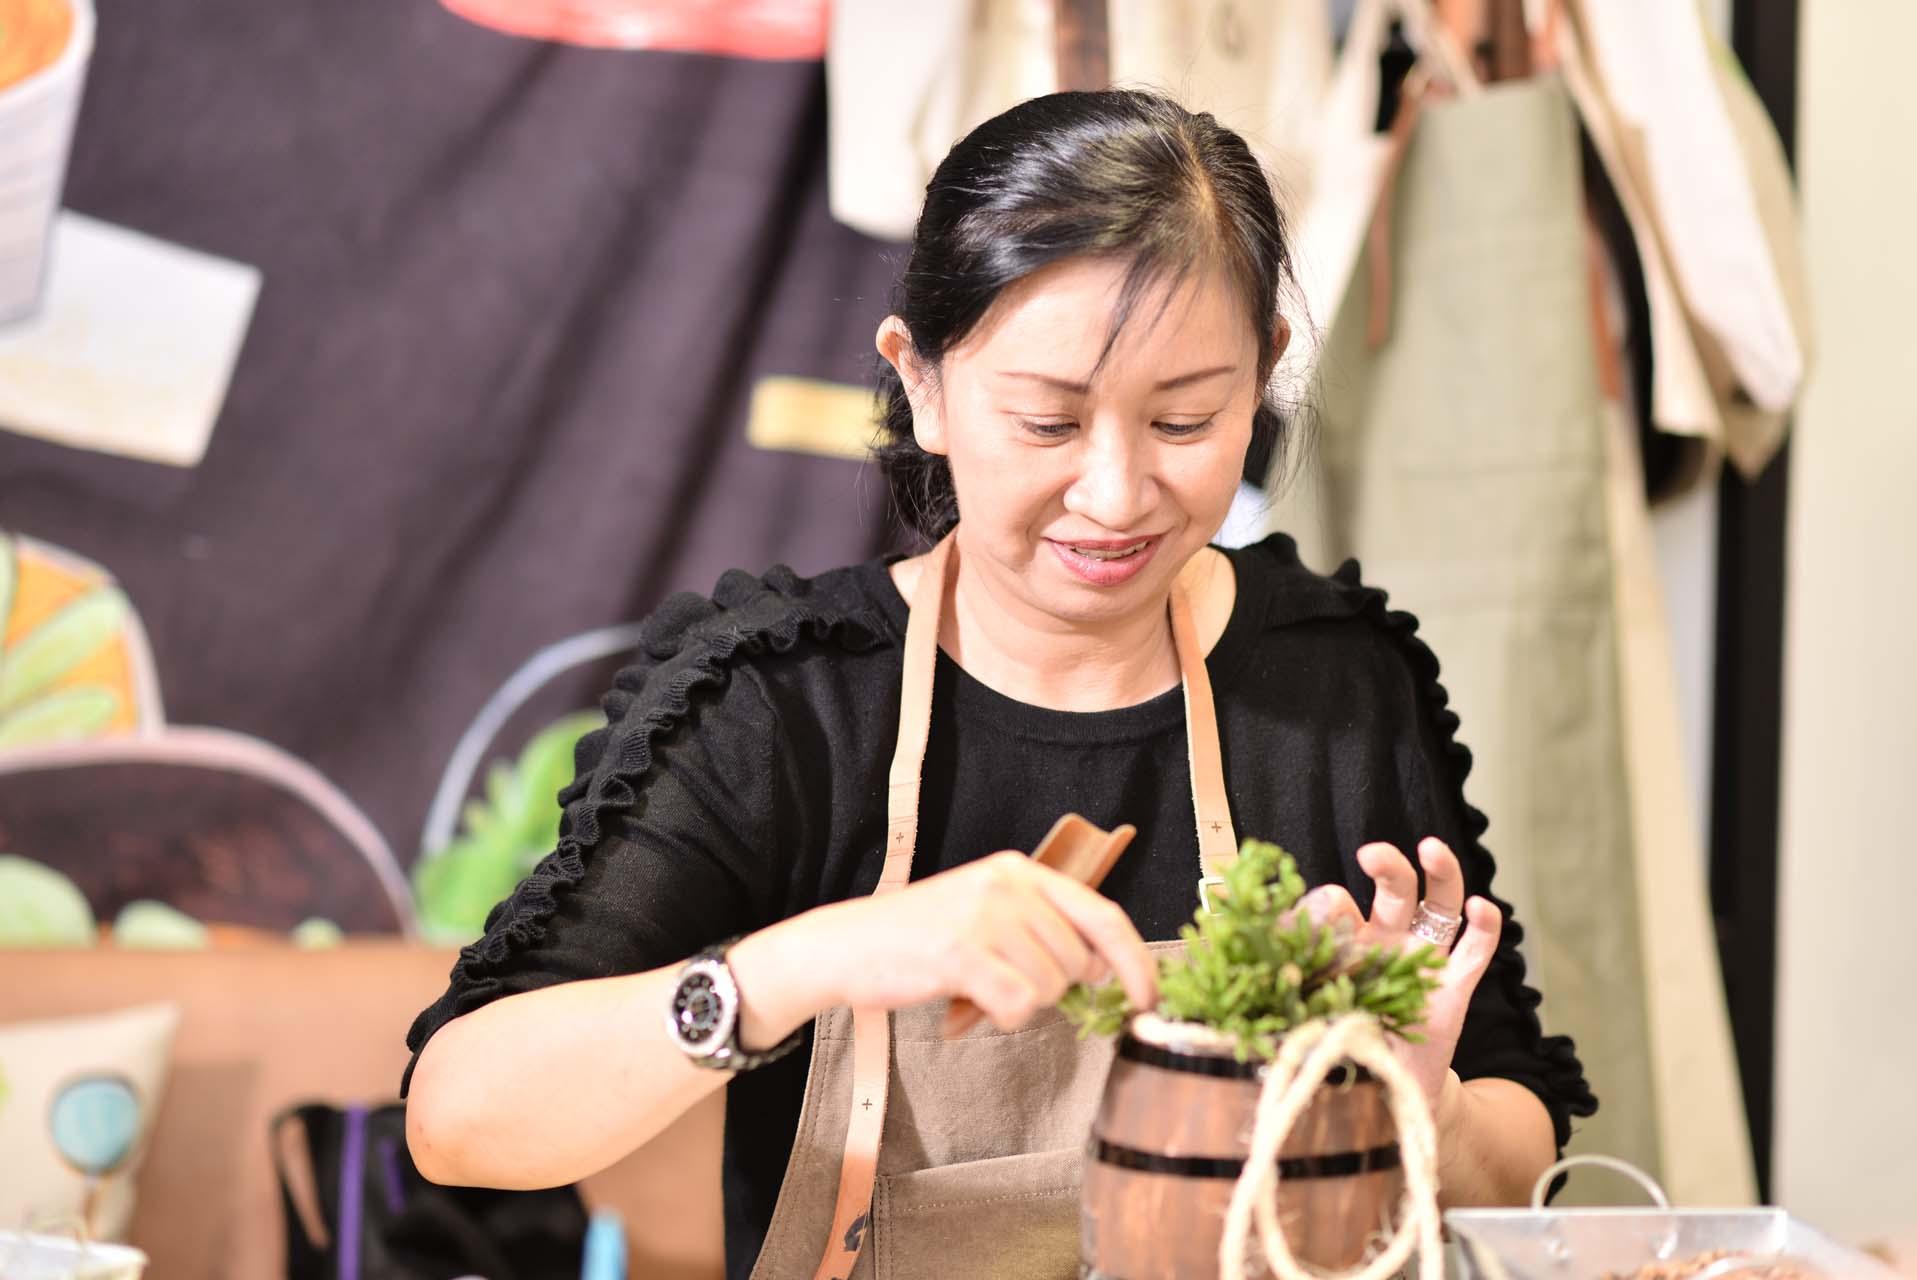 初學者也可以很好掌握上課的節奏,台北花藝體驗推薦來有肉玩喔